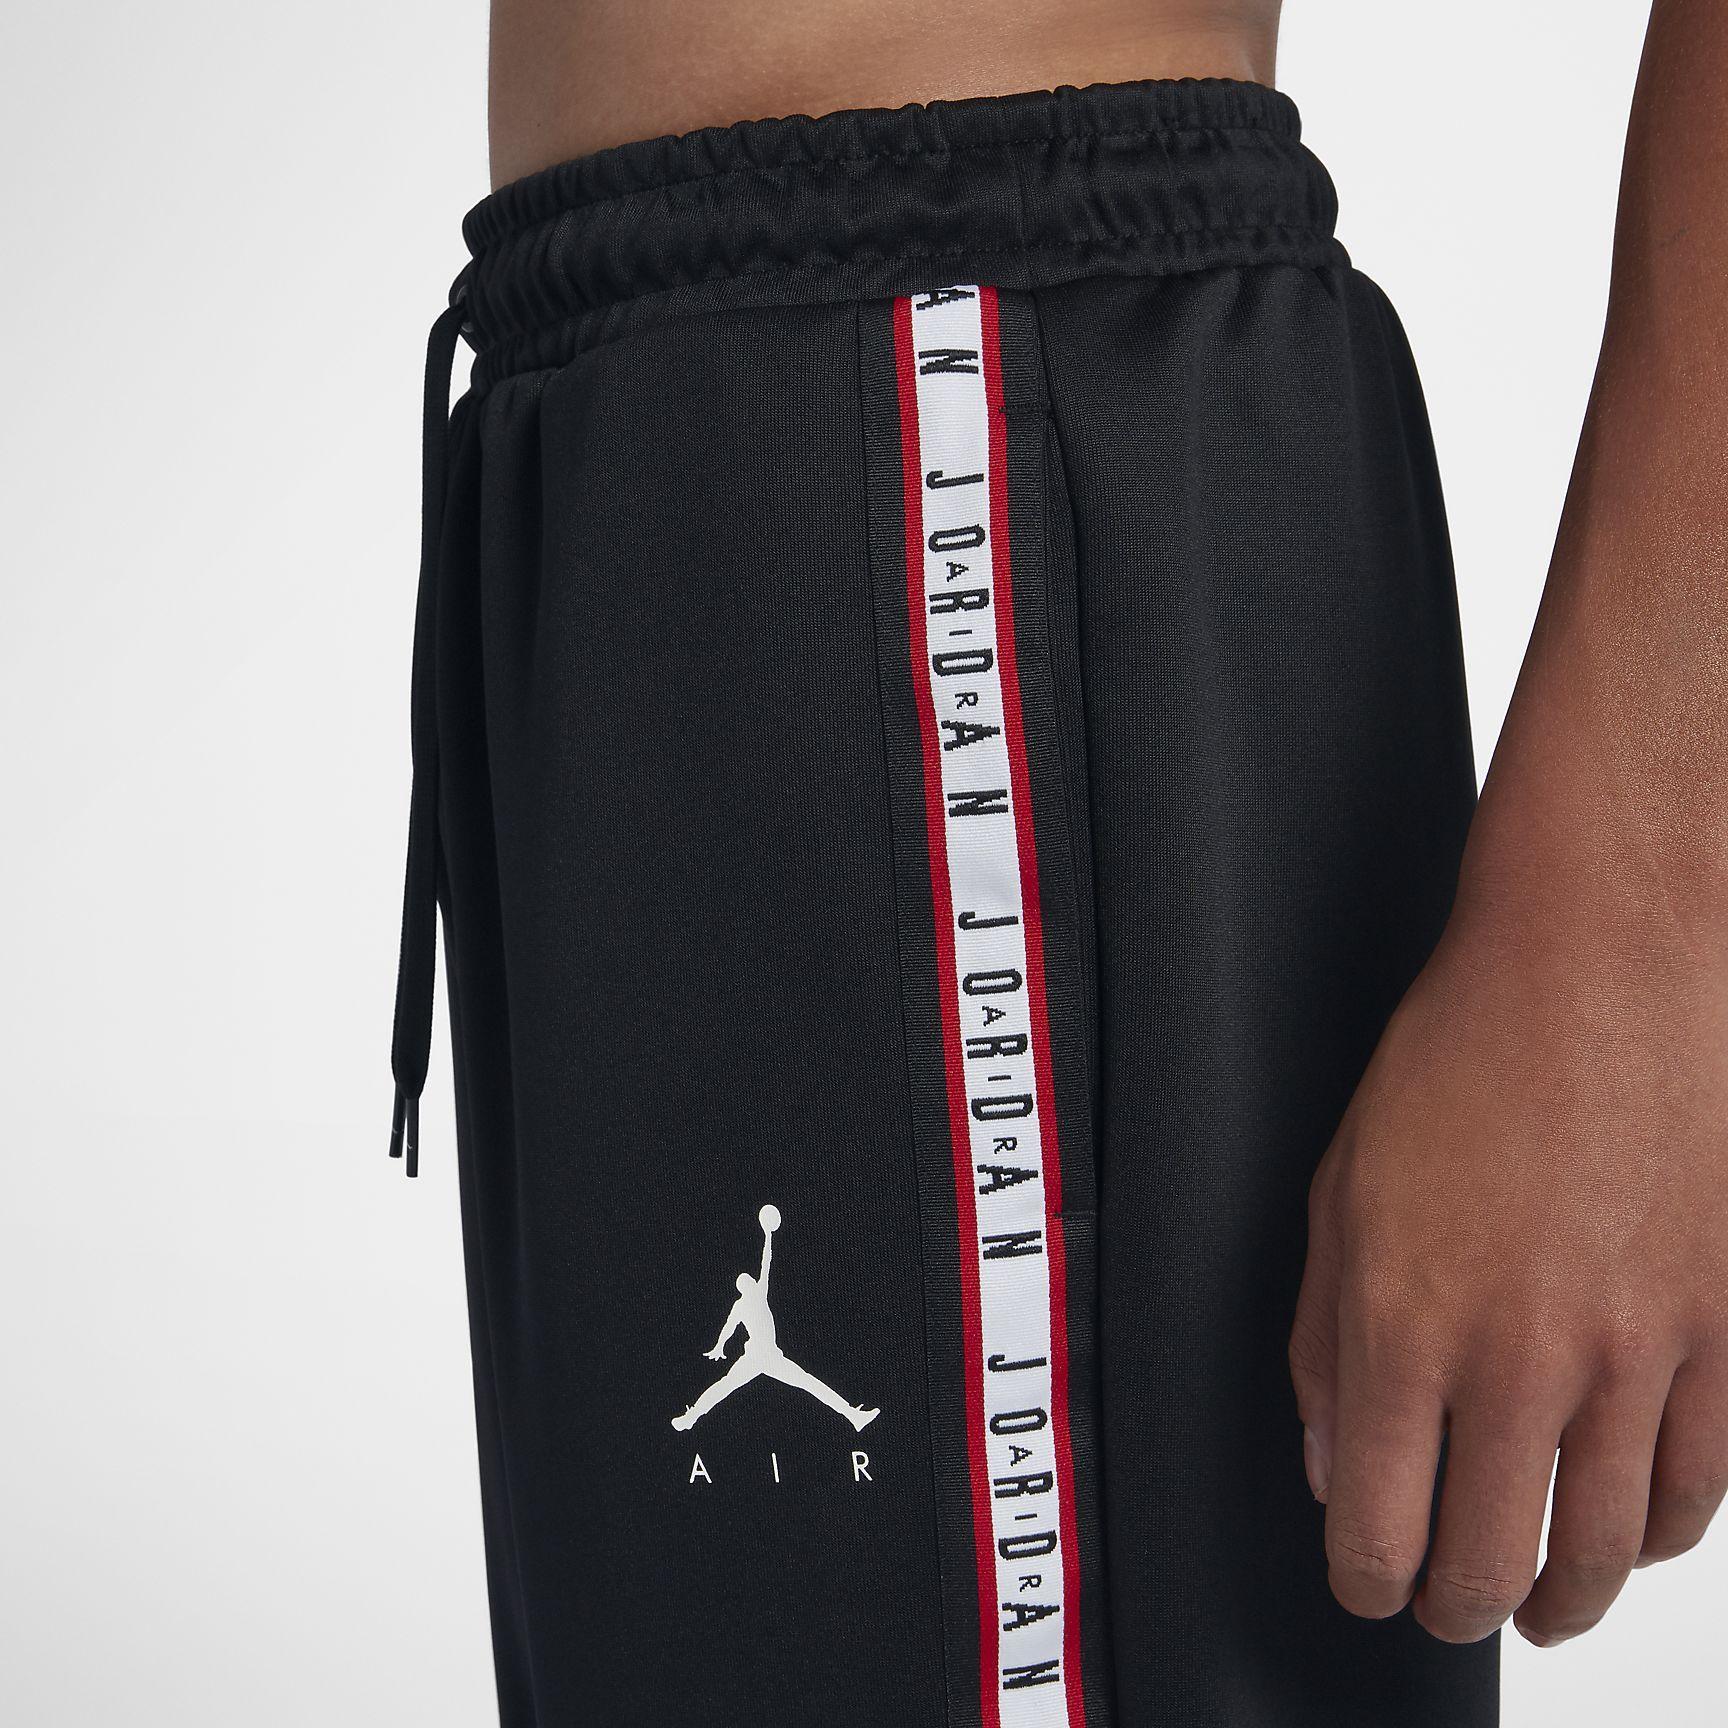 Pantalon Jordan Sportswear Jumpman pour Homme Ropa 3a621ae6cd7